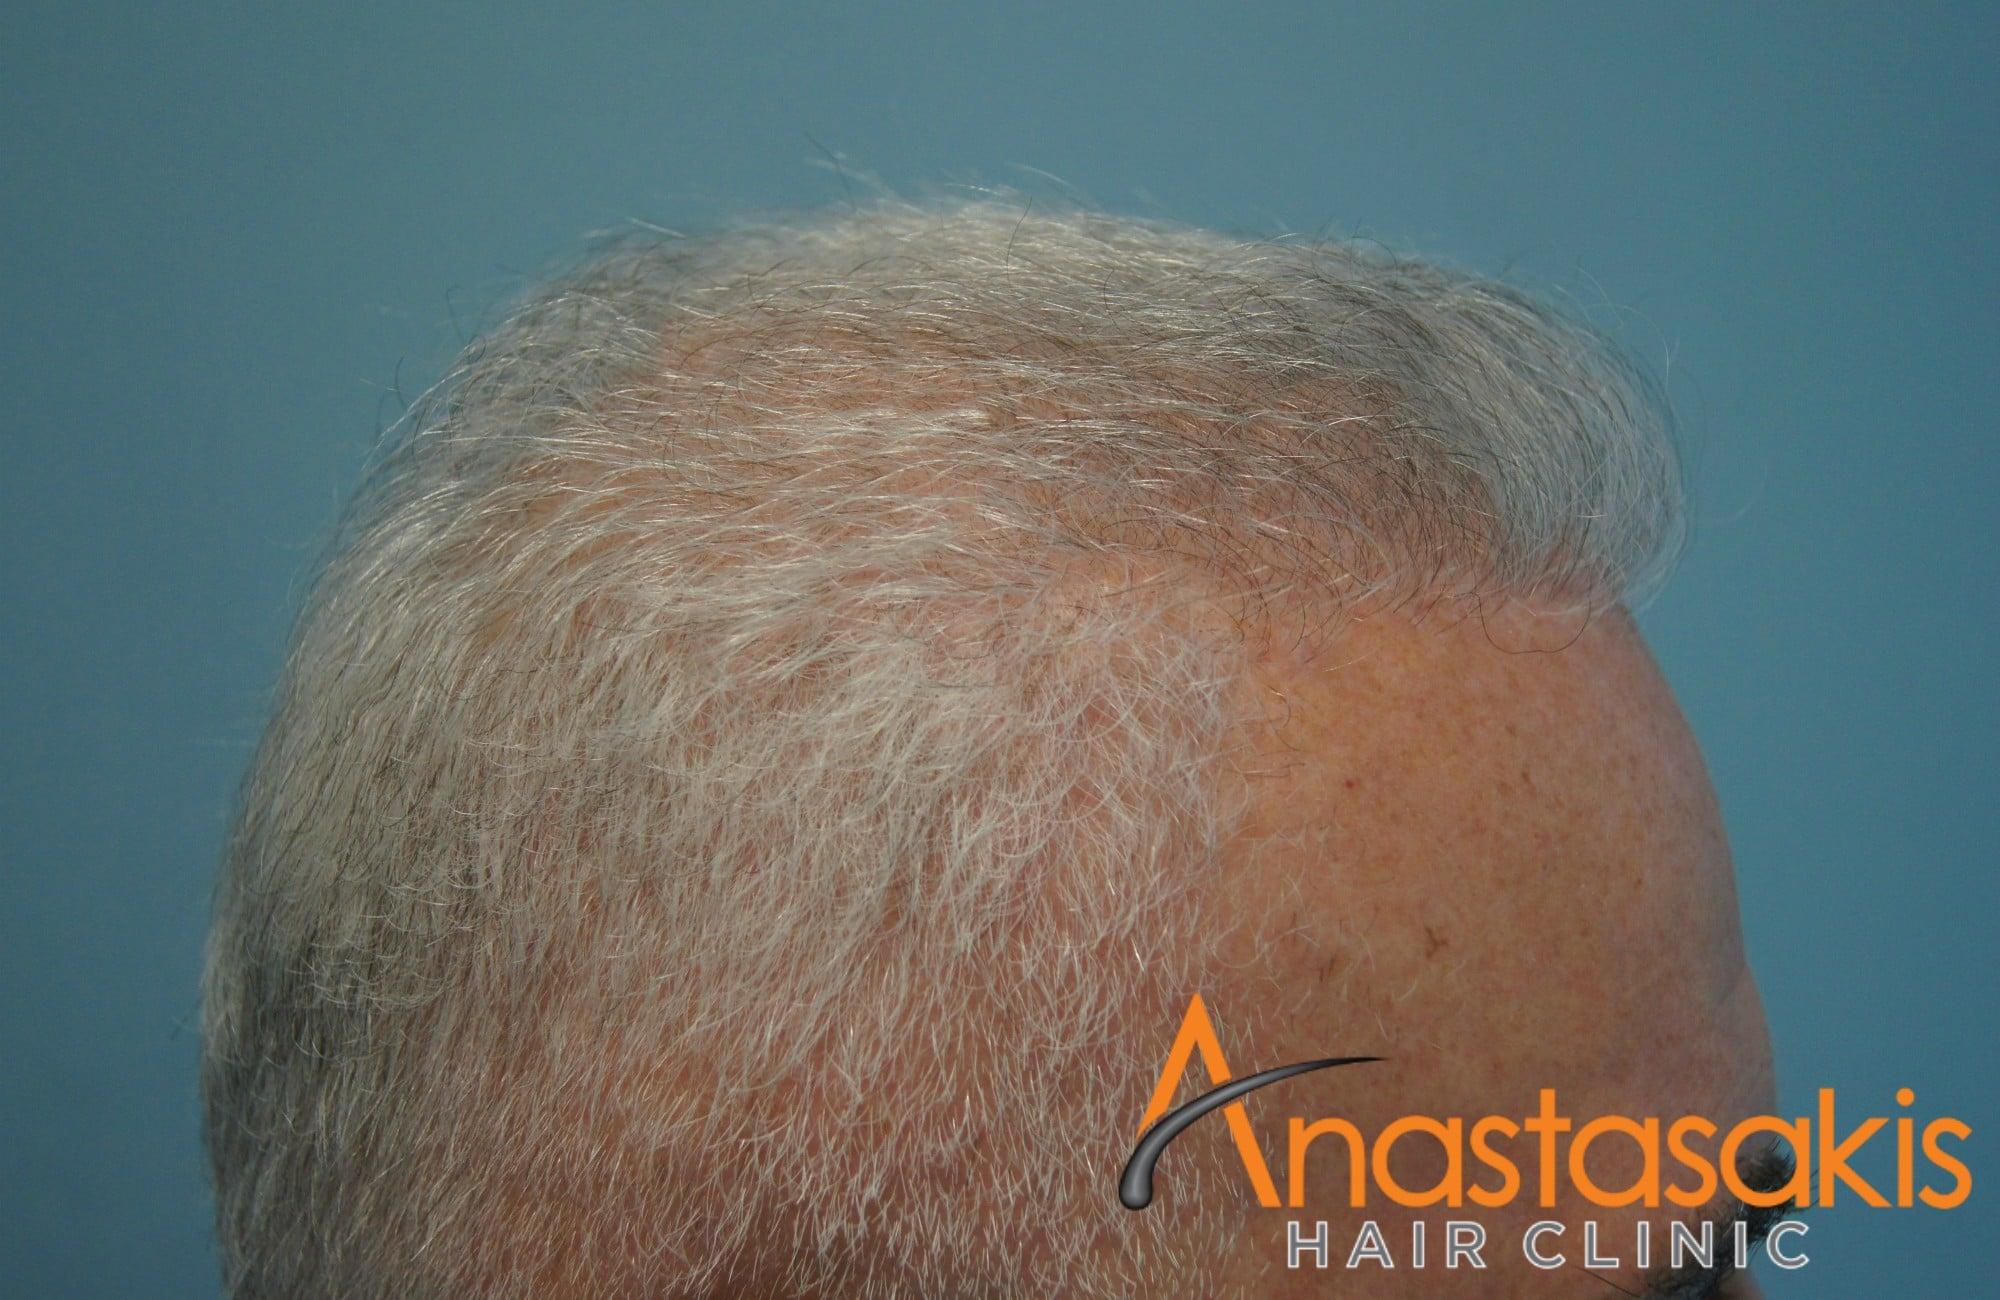 αριστερό προφίλ ασθενη μετά την εμφύτευση μαλλιών με 3500 fus